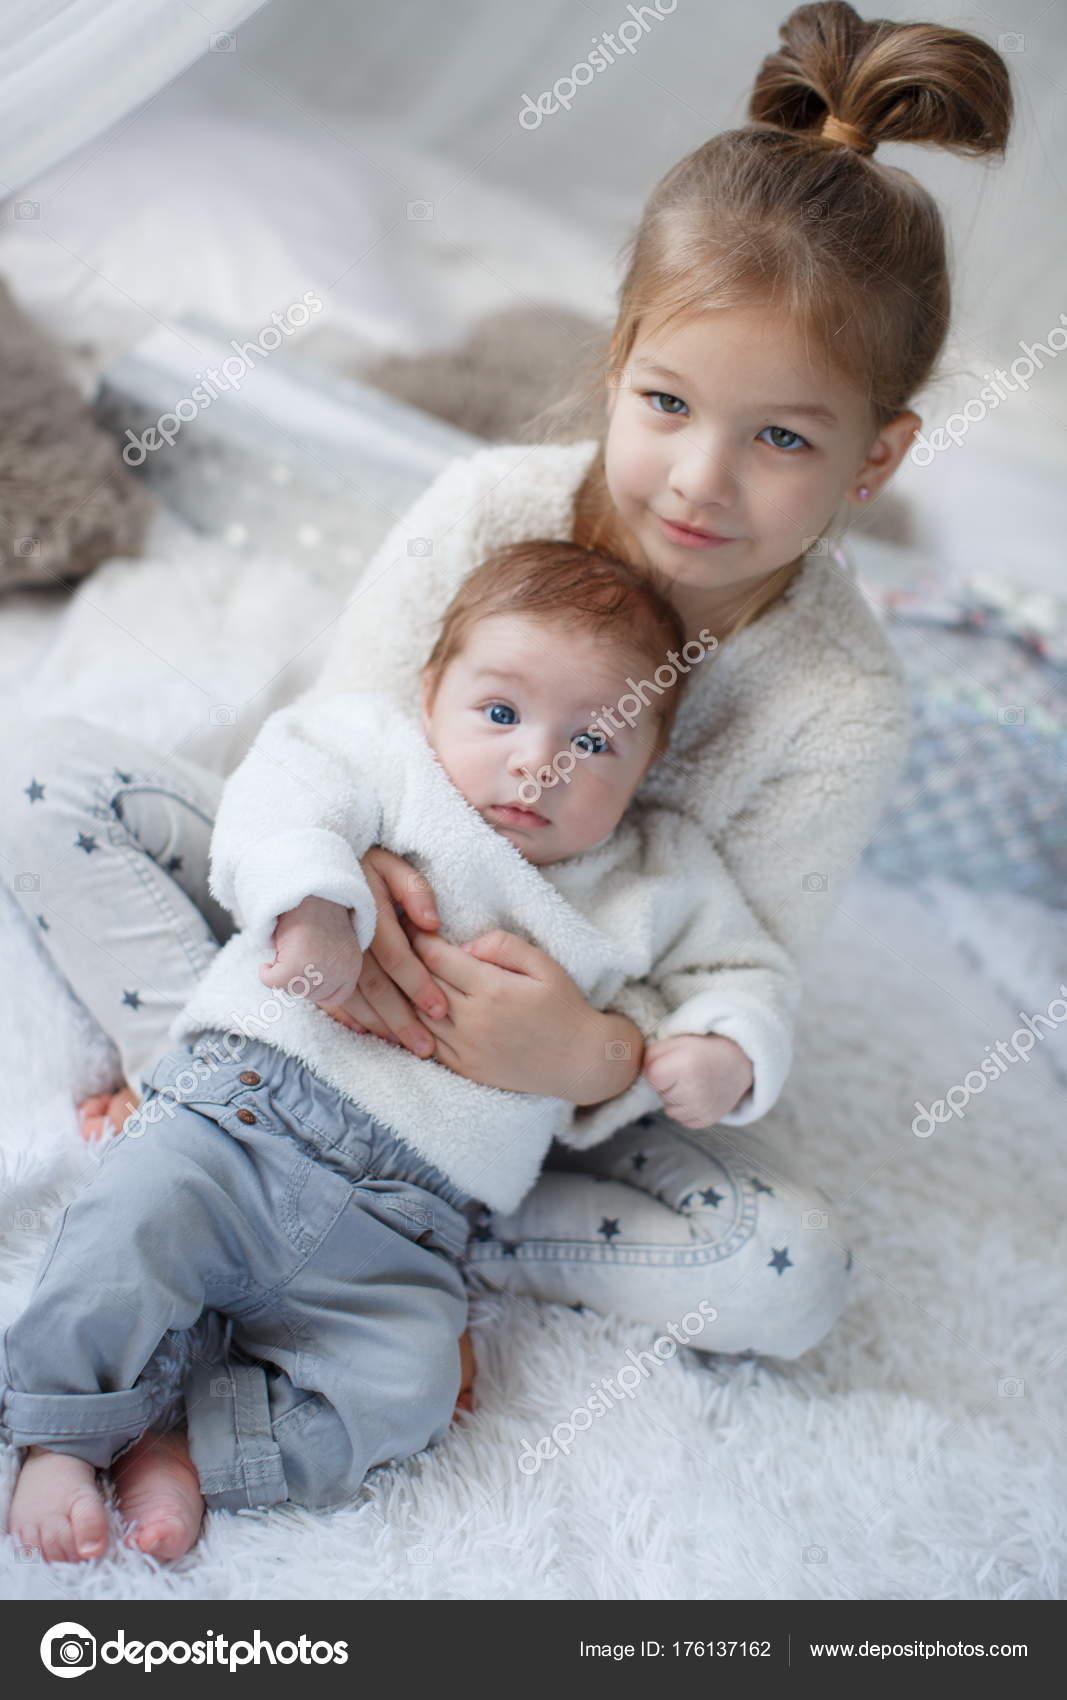 Bambina che abbraccia un fratello neonato. Ragazza e bambino ragazzo  fratello e sorella che giocano nel letto dei genitori. Ragazza carina e un  ragazzo ... 38ef9fb8420c